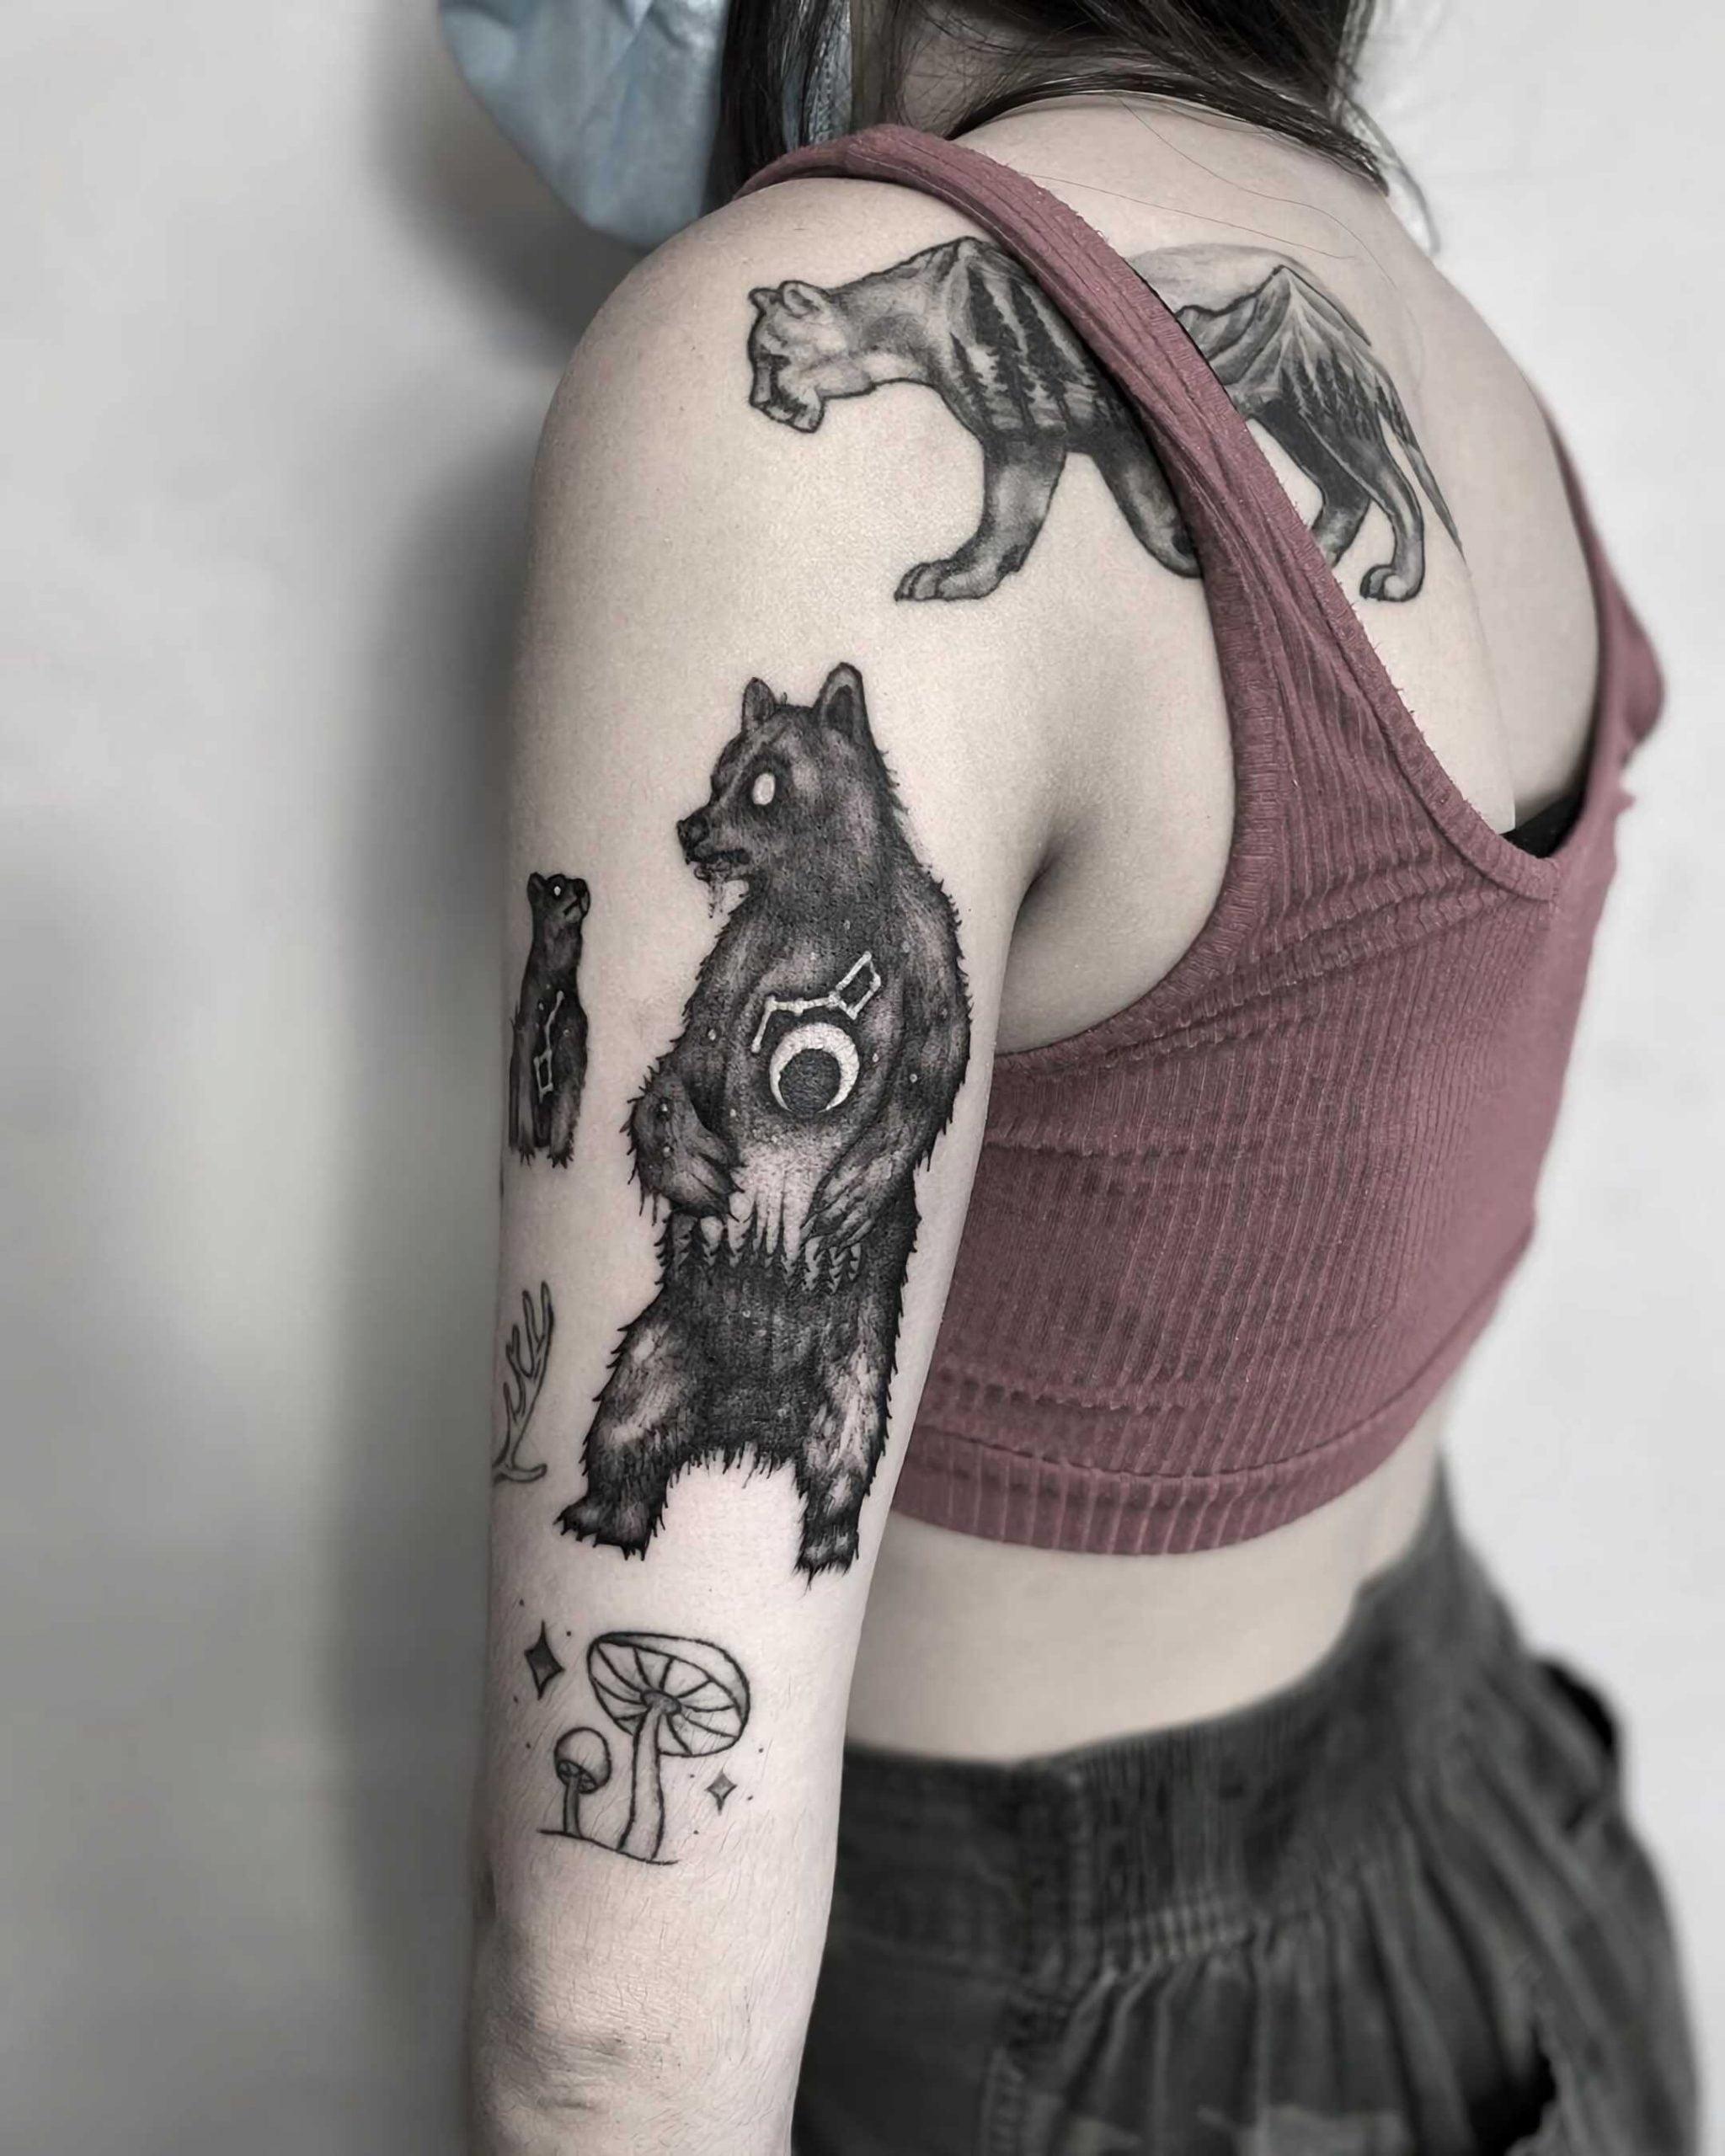 современное тату медведя на руке